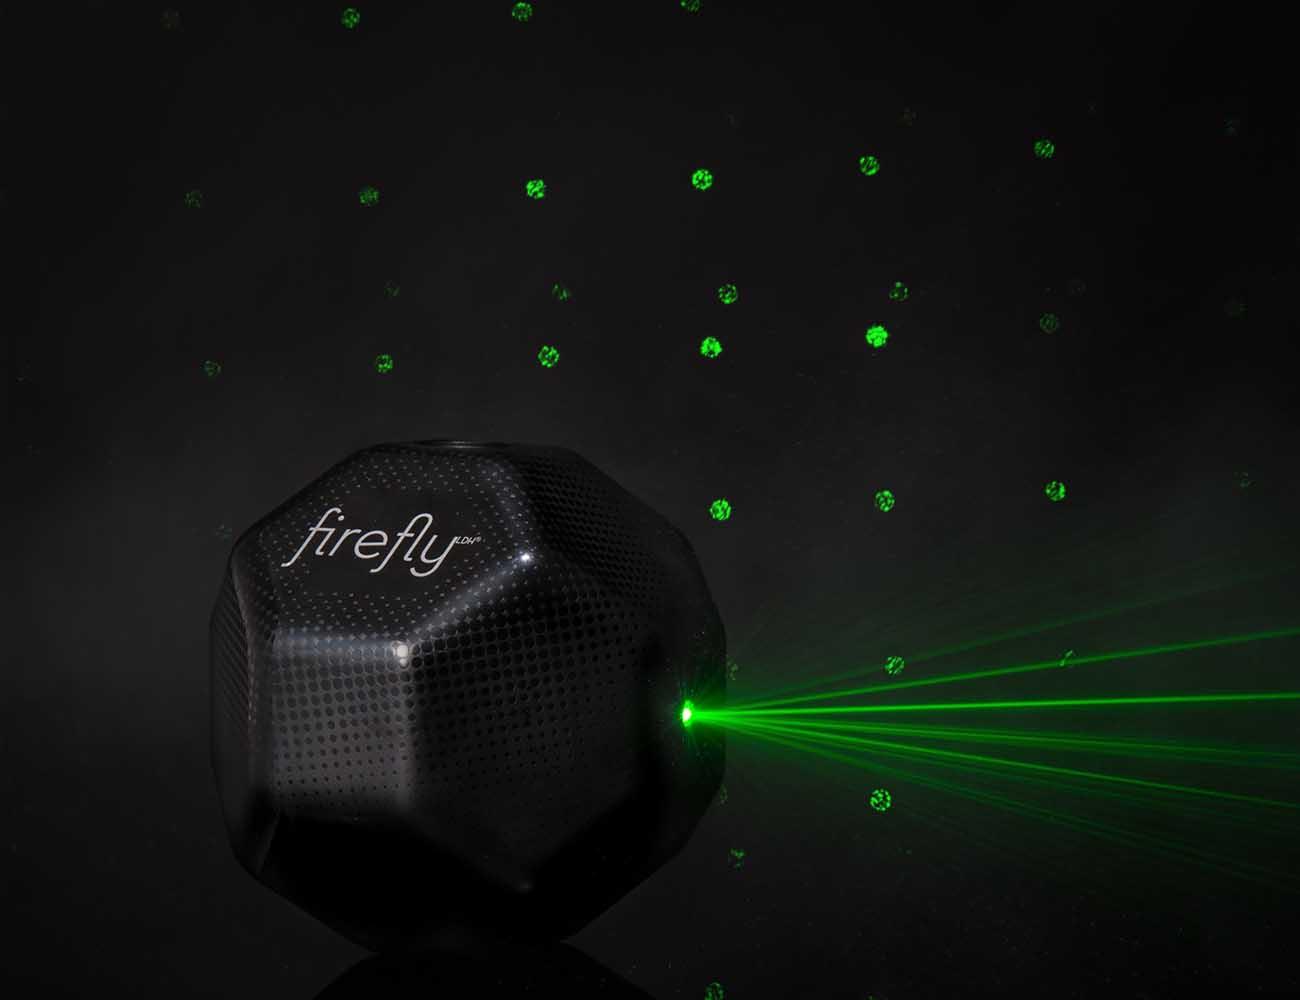 Firefly+Laser+Lamp